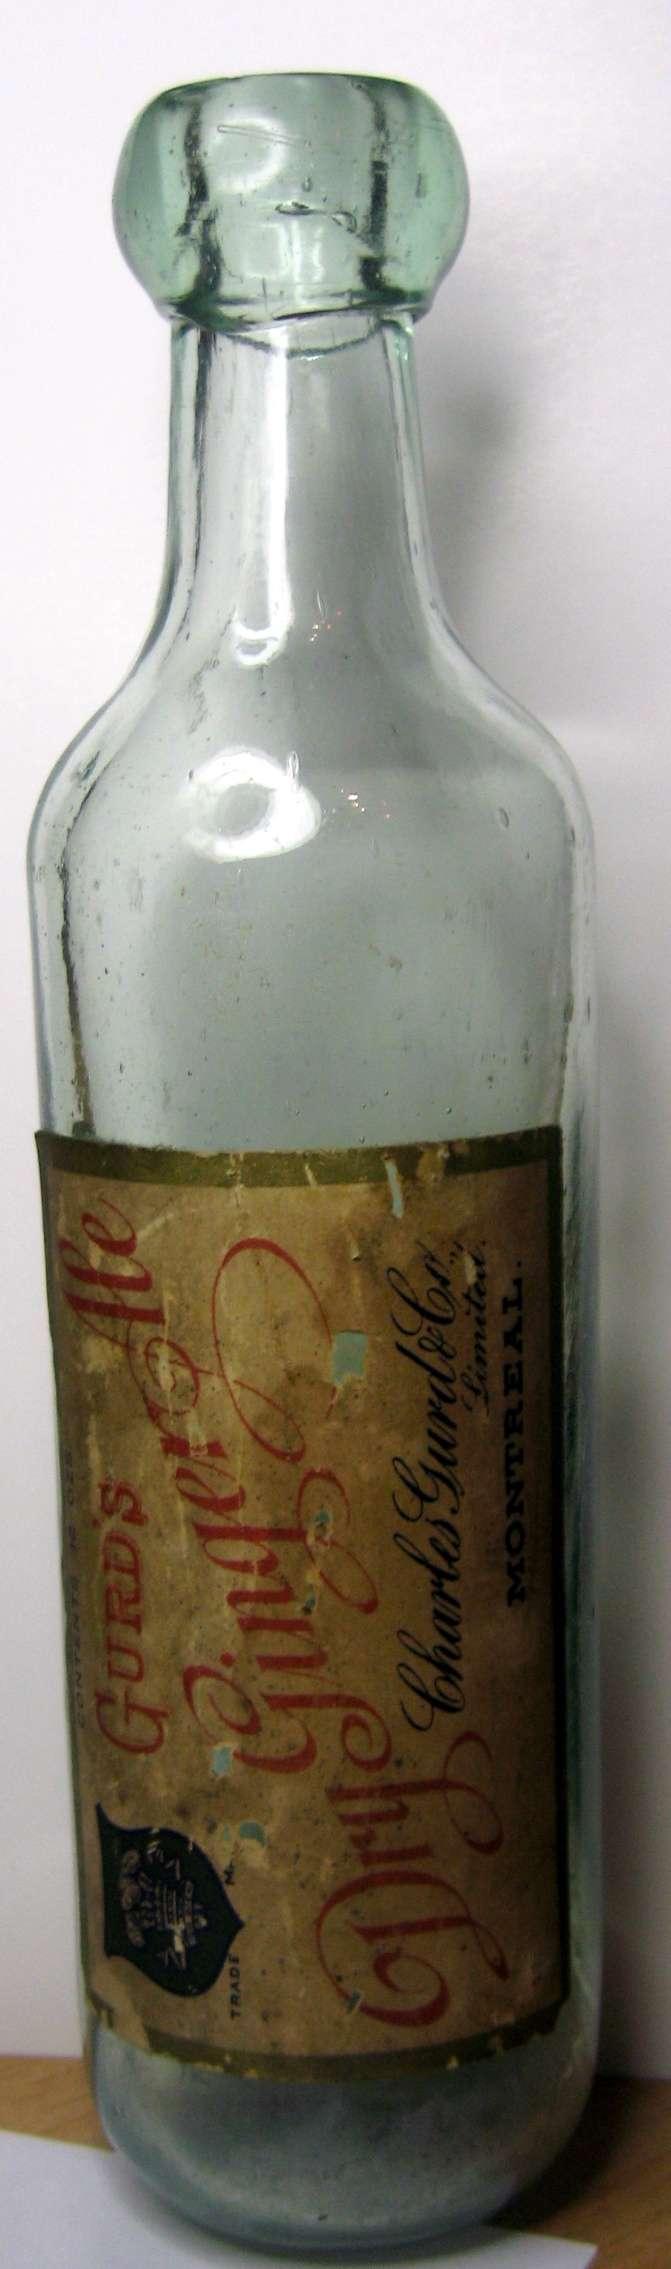 wow une belle gurd dry ginger ale  etiquette  Gurds_11